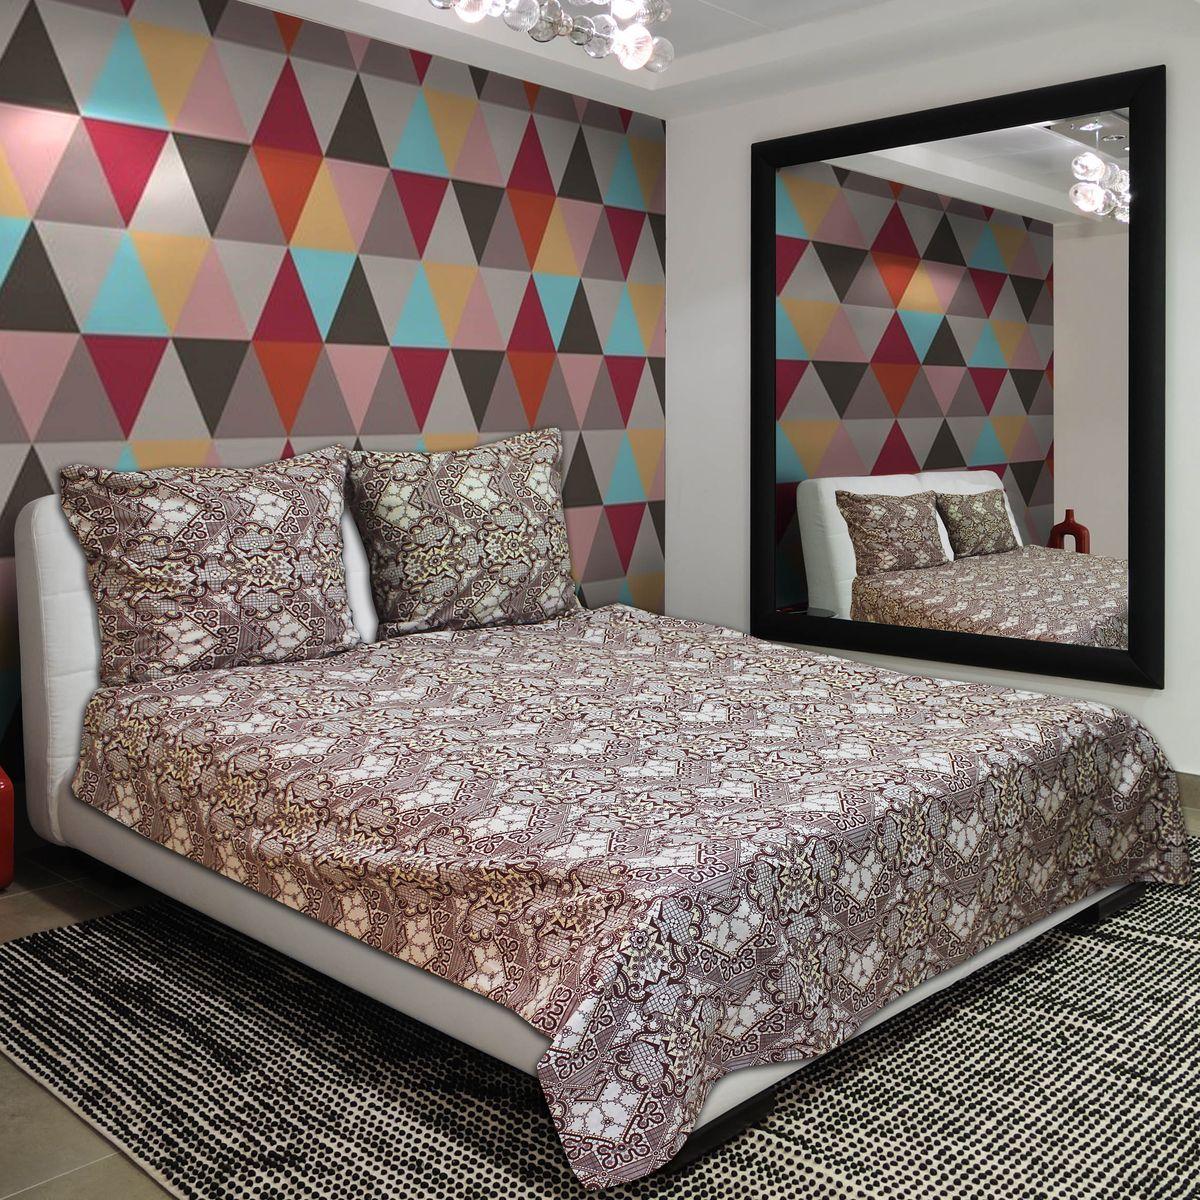 Комплект белья Amore Mio Warm, 1,5-спальный, наволочки 70х7077709Постельное белье из бязи практично и долговечно, а самое главное - это 100% хлопок! Материал великолепно отводит влагу, отлично пропускает воздух, не капризен в уходе, легко стирается и гладится. Новая коллекция Naturel 3-D дизайнов позволит выбрать постельное белье на любой вкус!